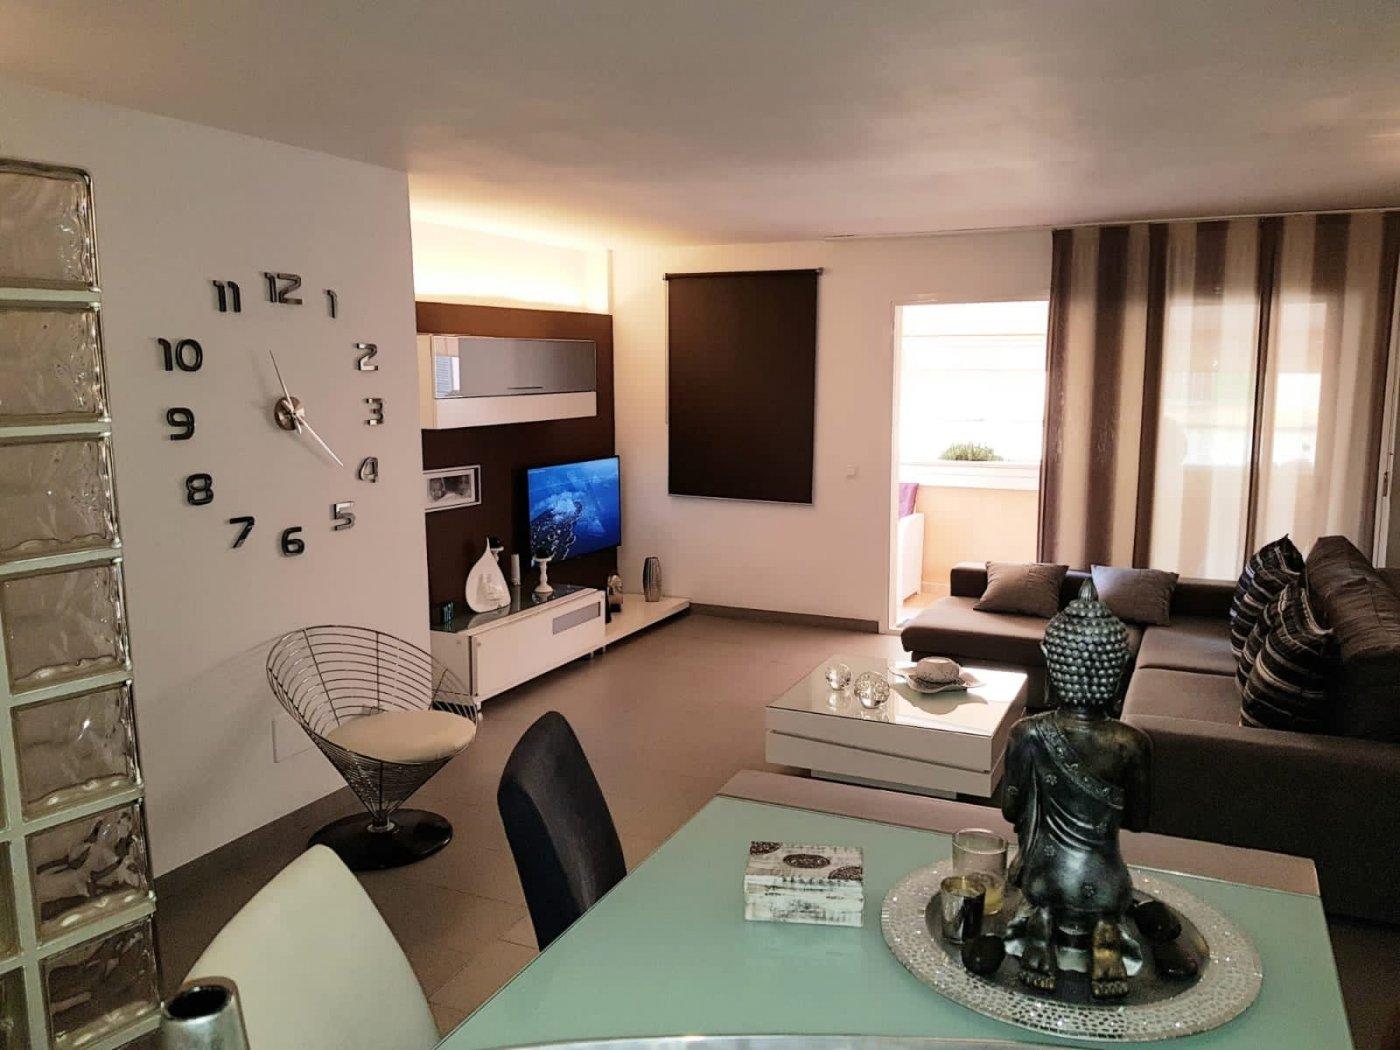 Se vende bonito apartamento semi nuevo con parking en andratx - imagenInmueble30